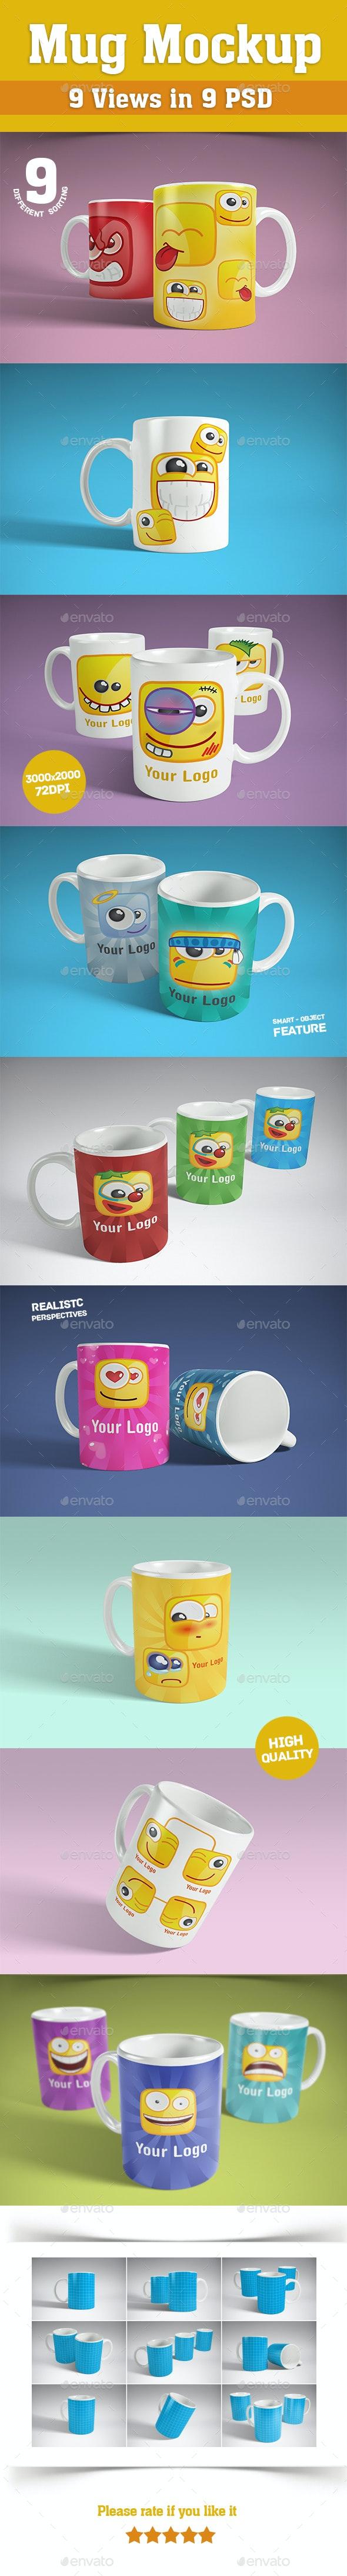 Mug Mockup - Product Mock-Ups Graphics